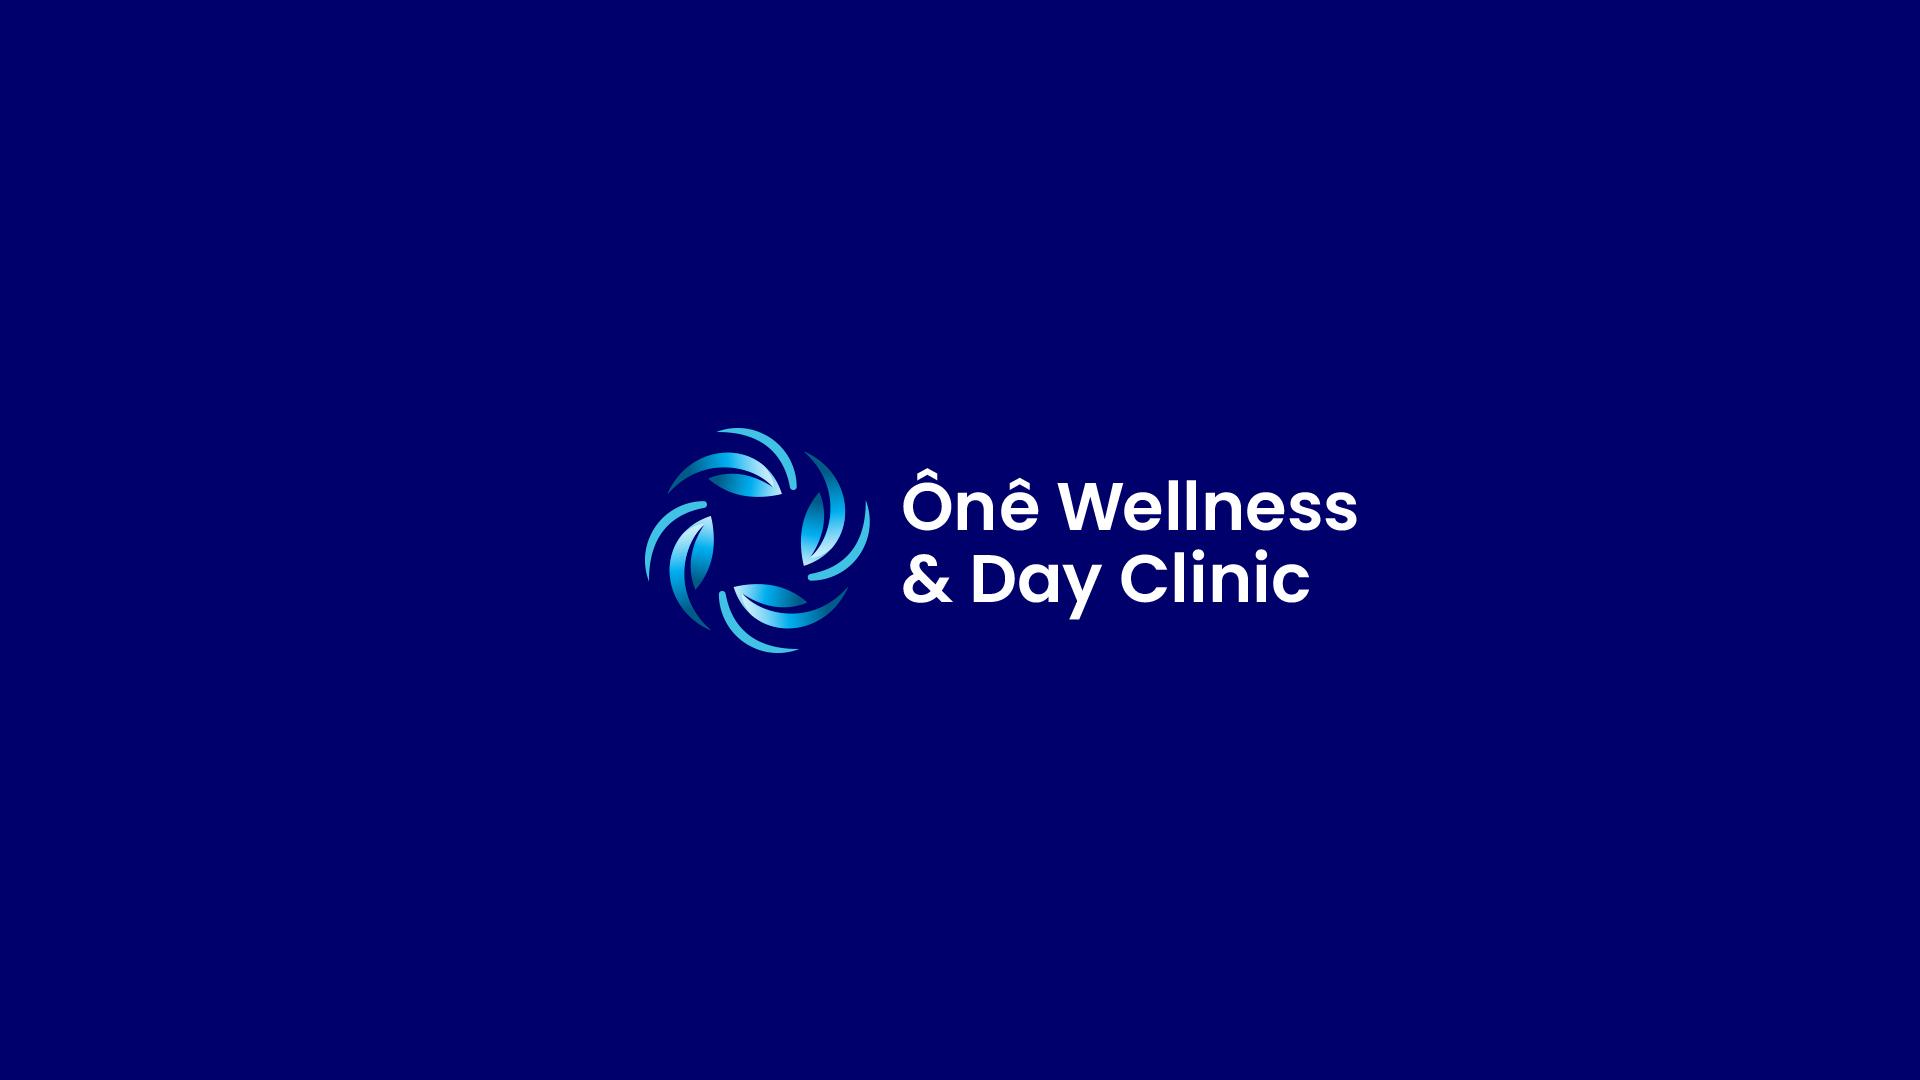 Ônê-Wellness-copy_1